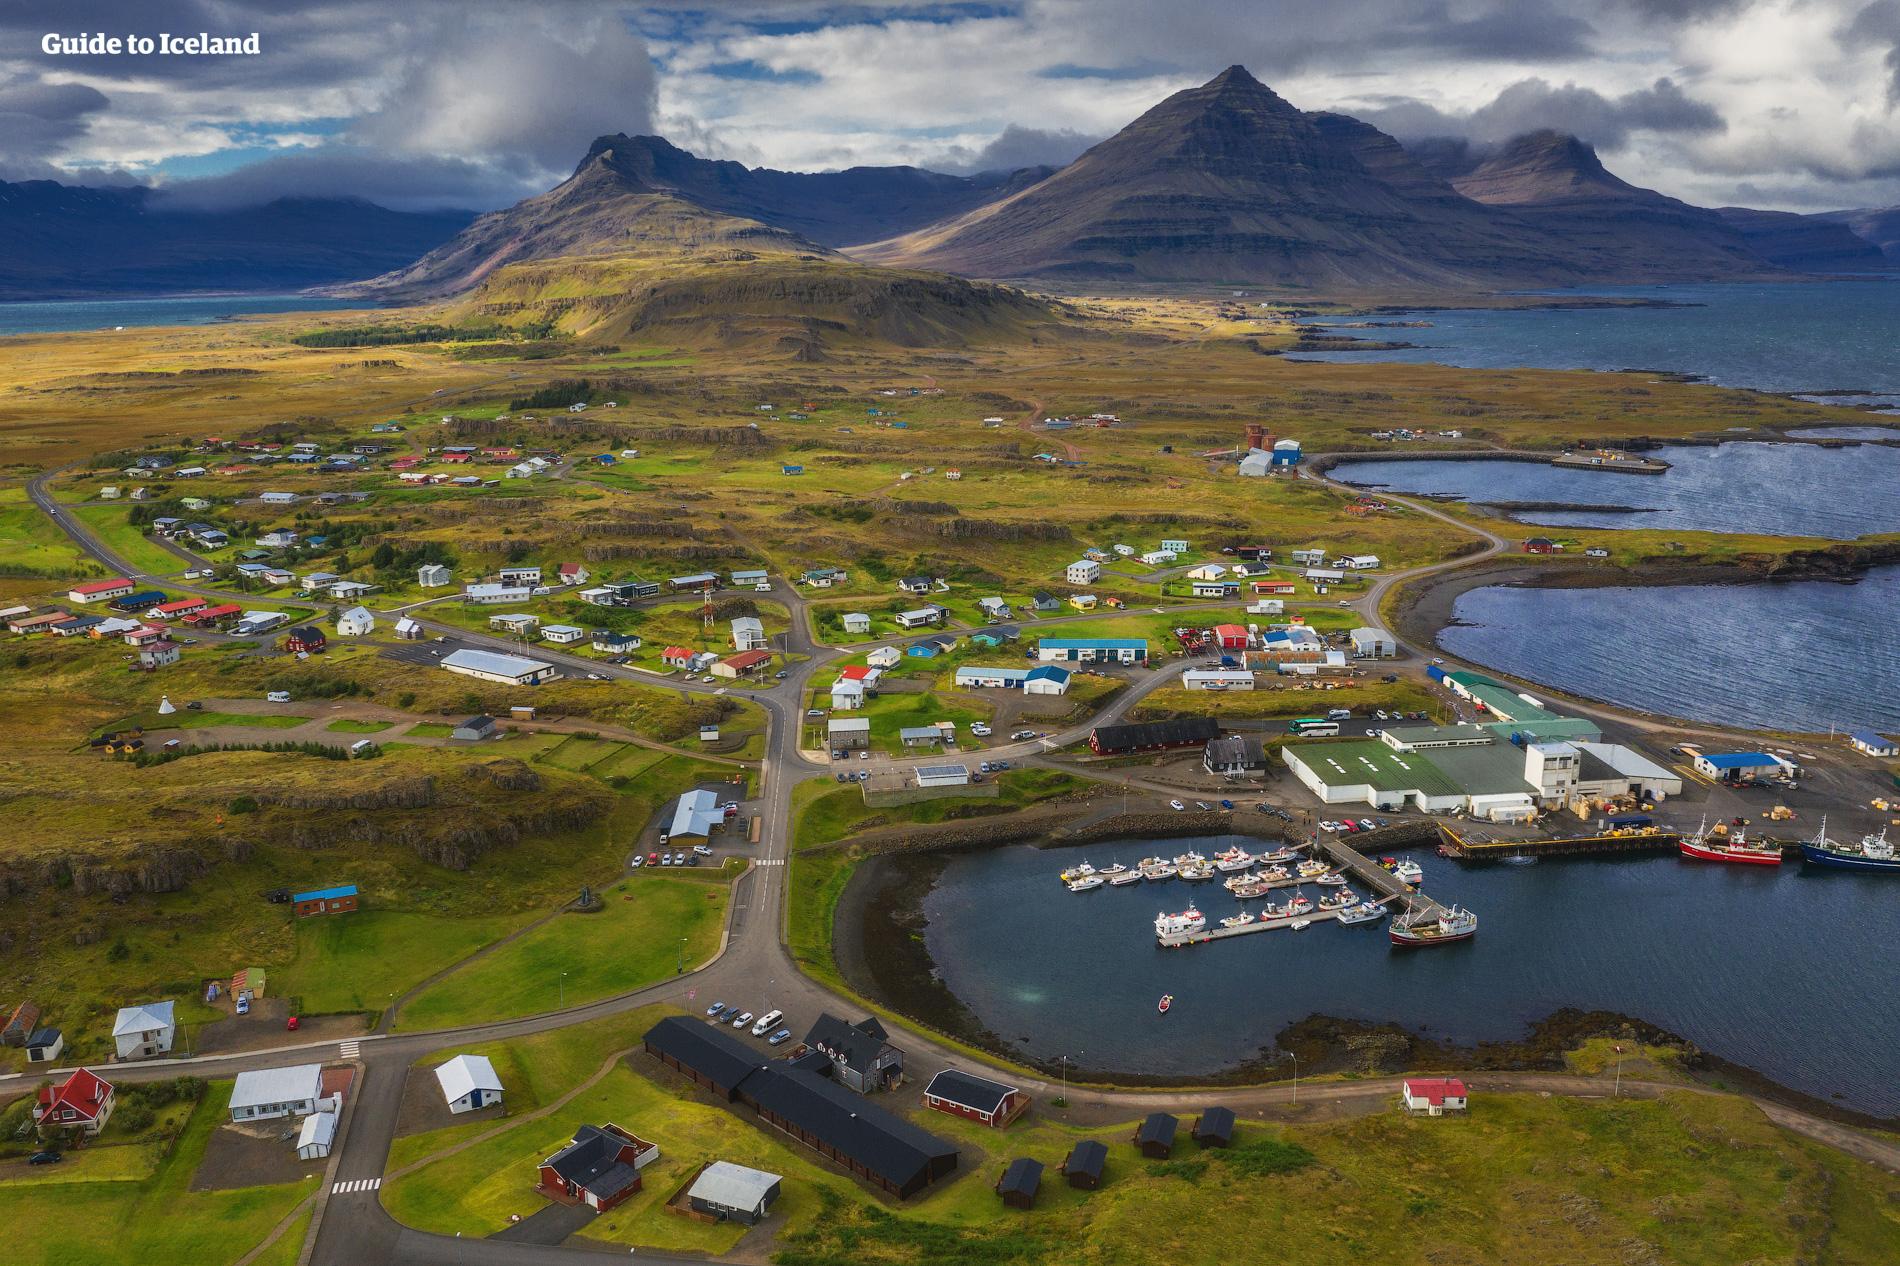 冰岛东部峡湾隐藏了许多值得你花时间造访的自然景观